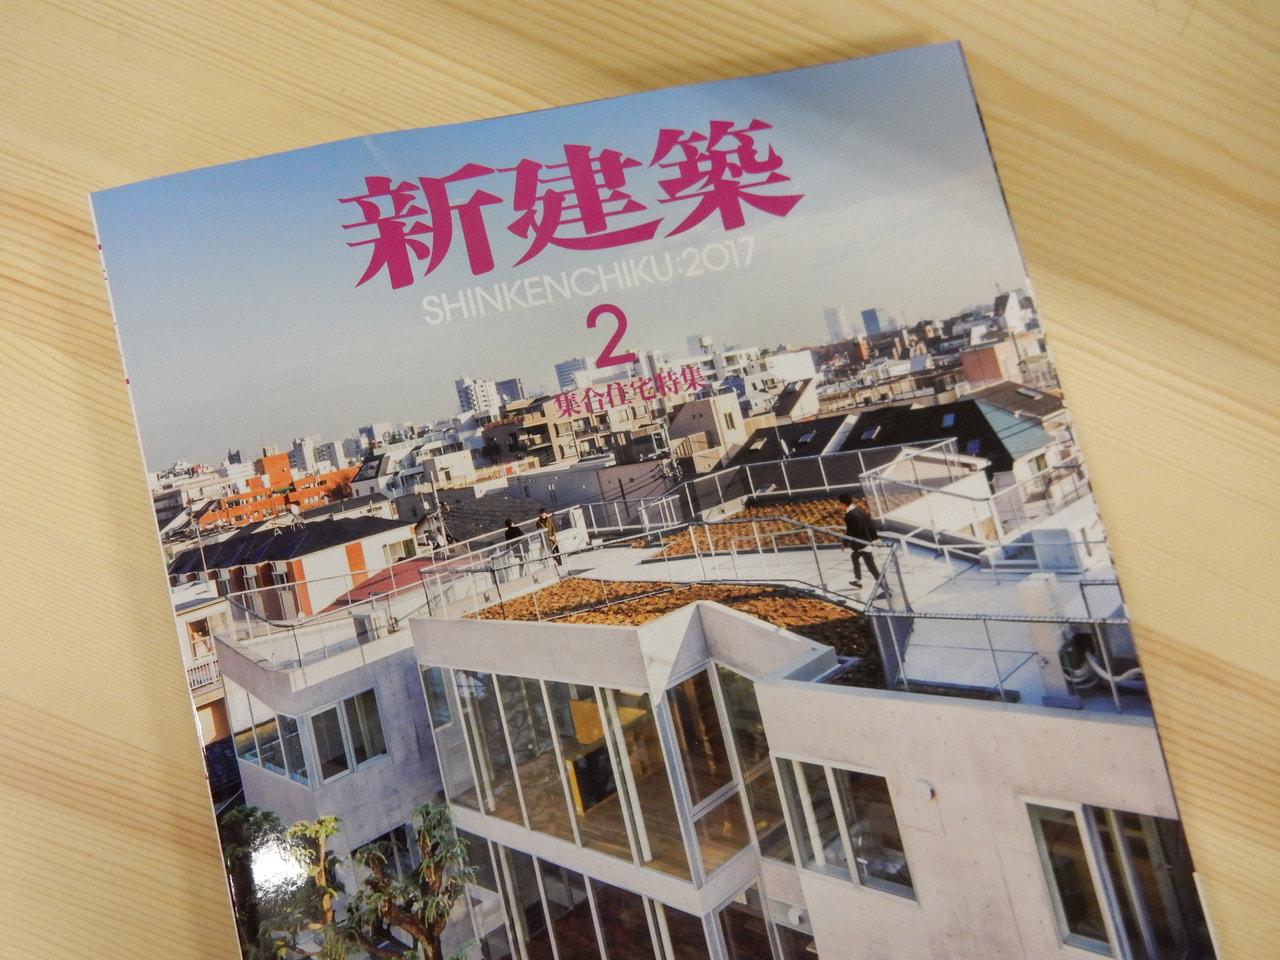 竹内正明先生の記事が新建築2月号に掲載